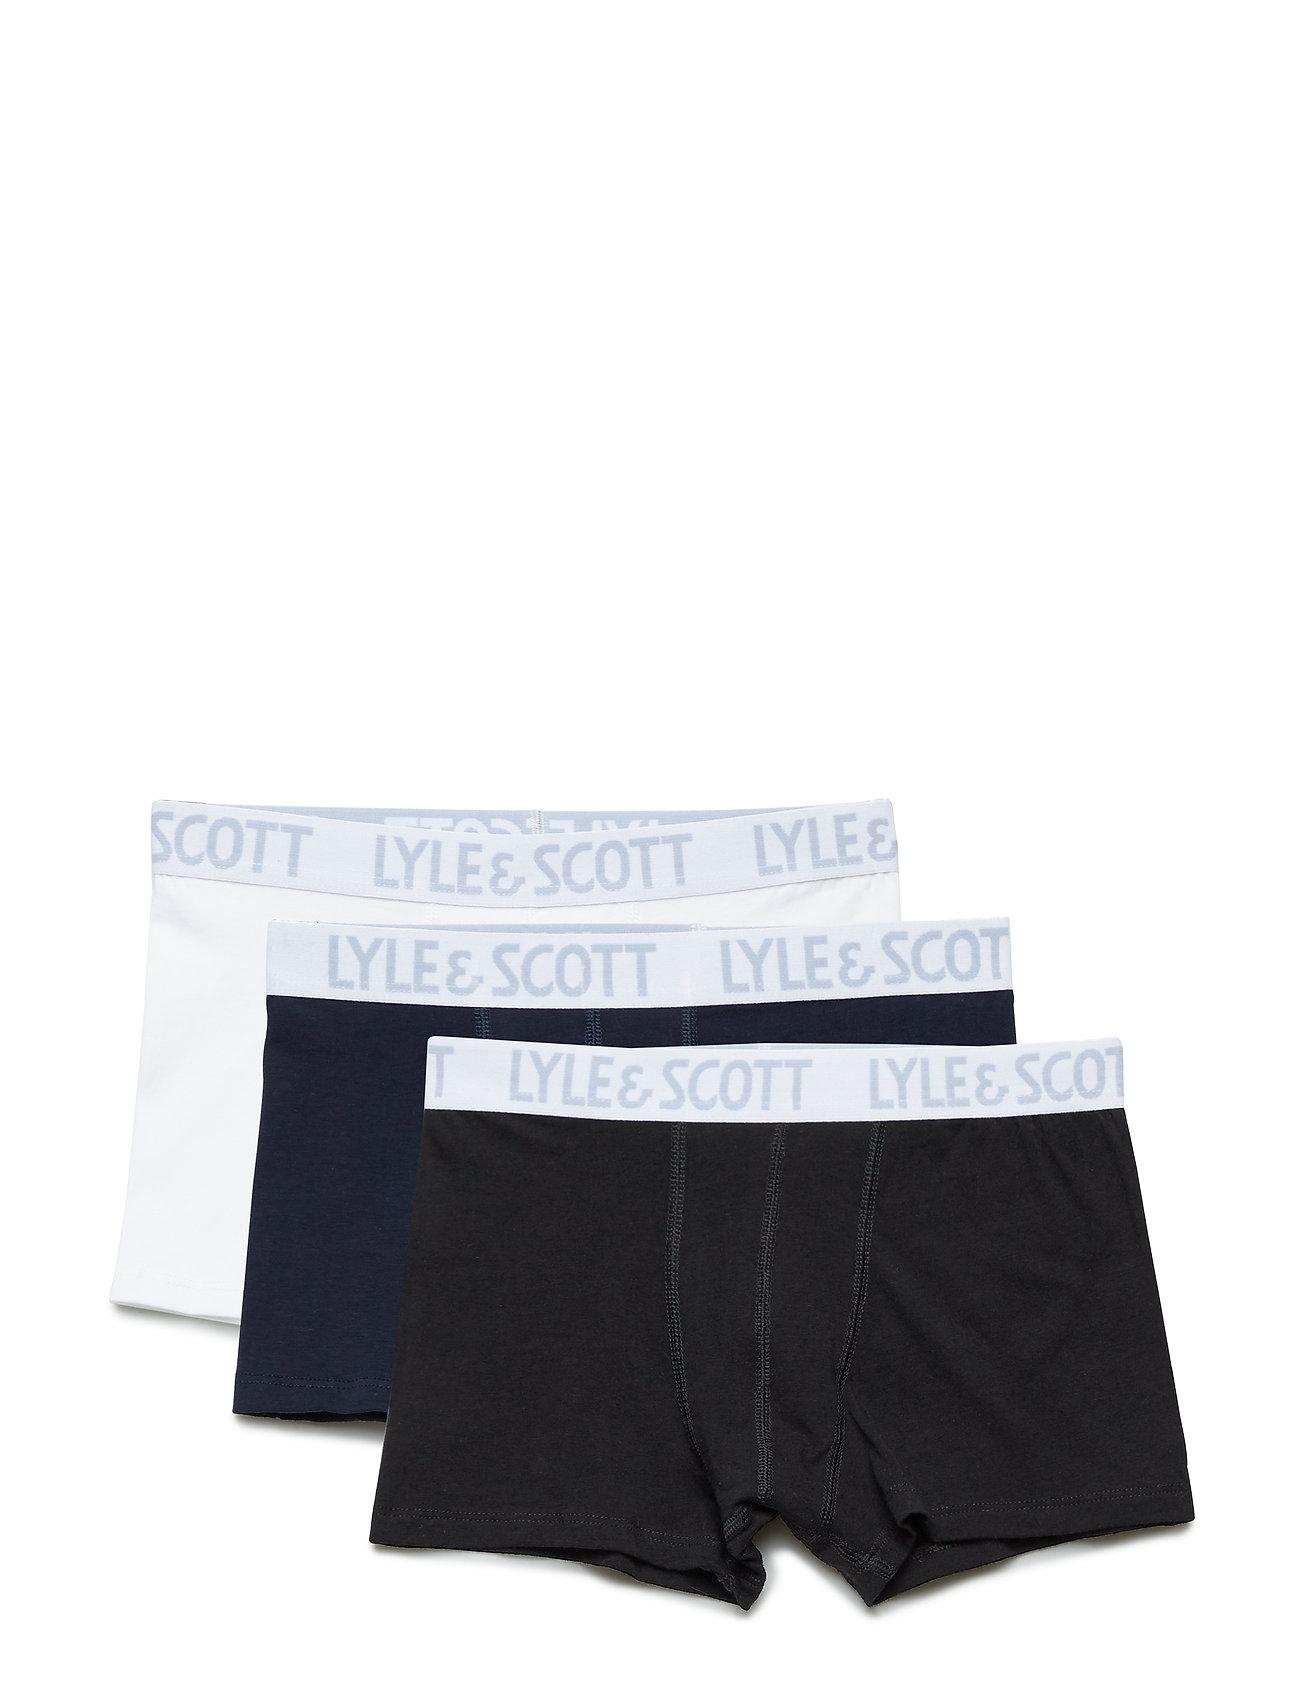 Lyle & Scott Junior Solid 3 Pair Boxers - MULTI COLOURED